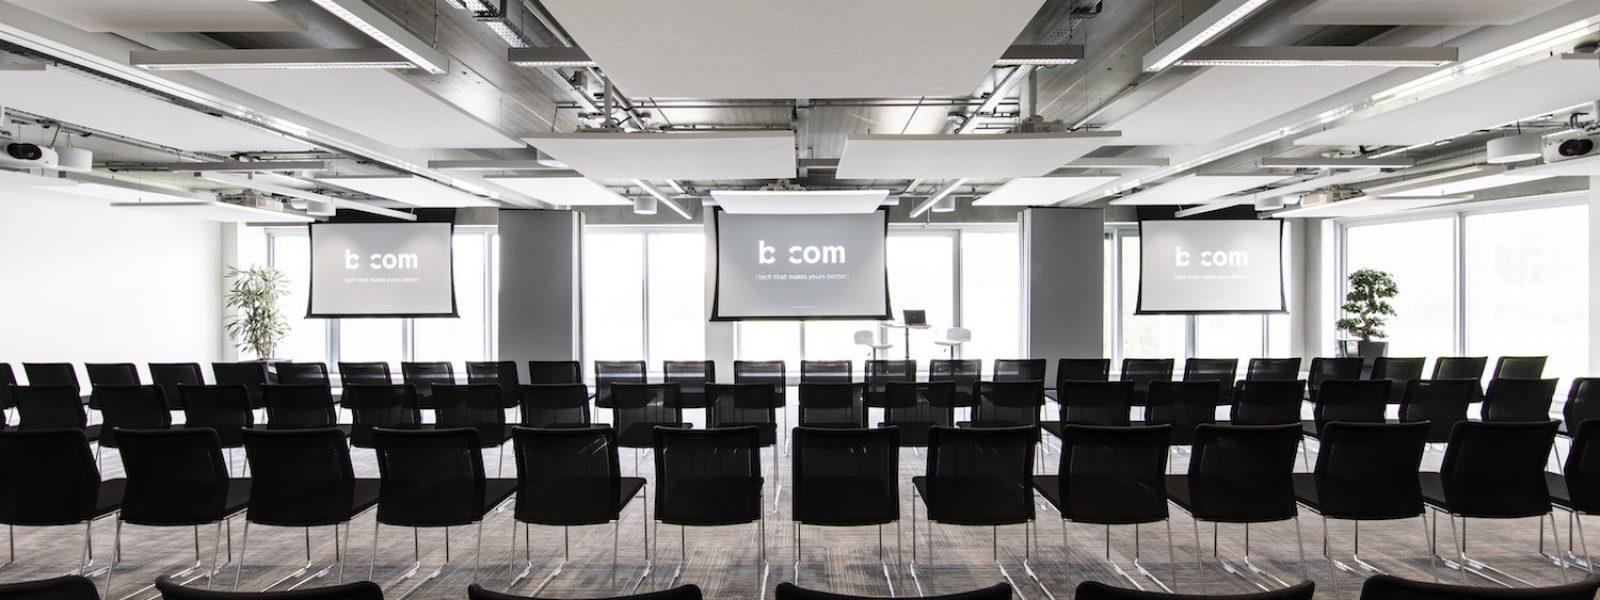 bcom *l'Espace*à Rennes - salle de réunion